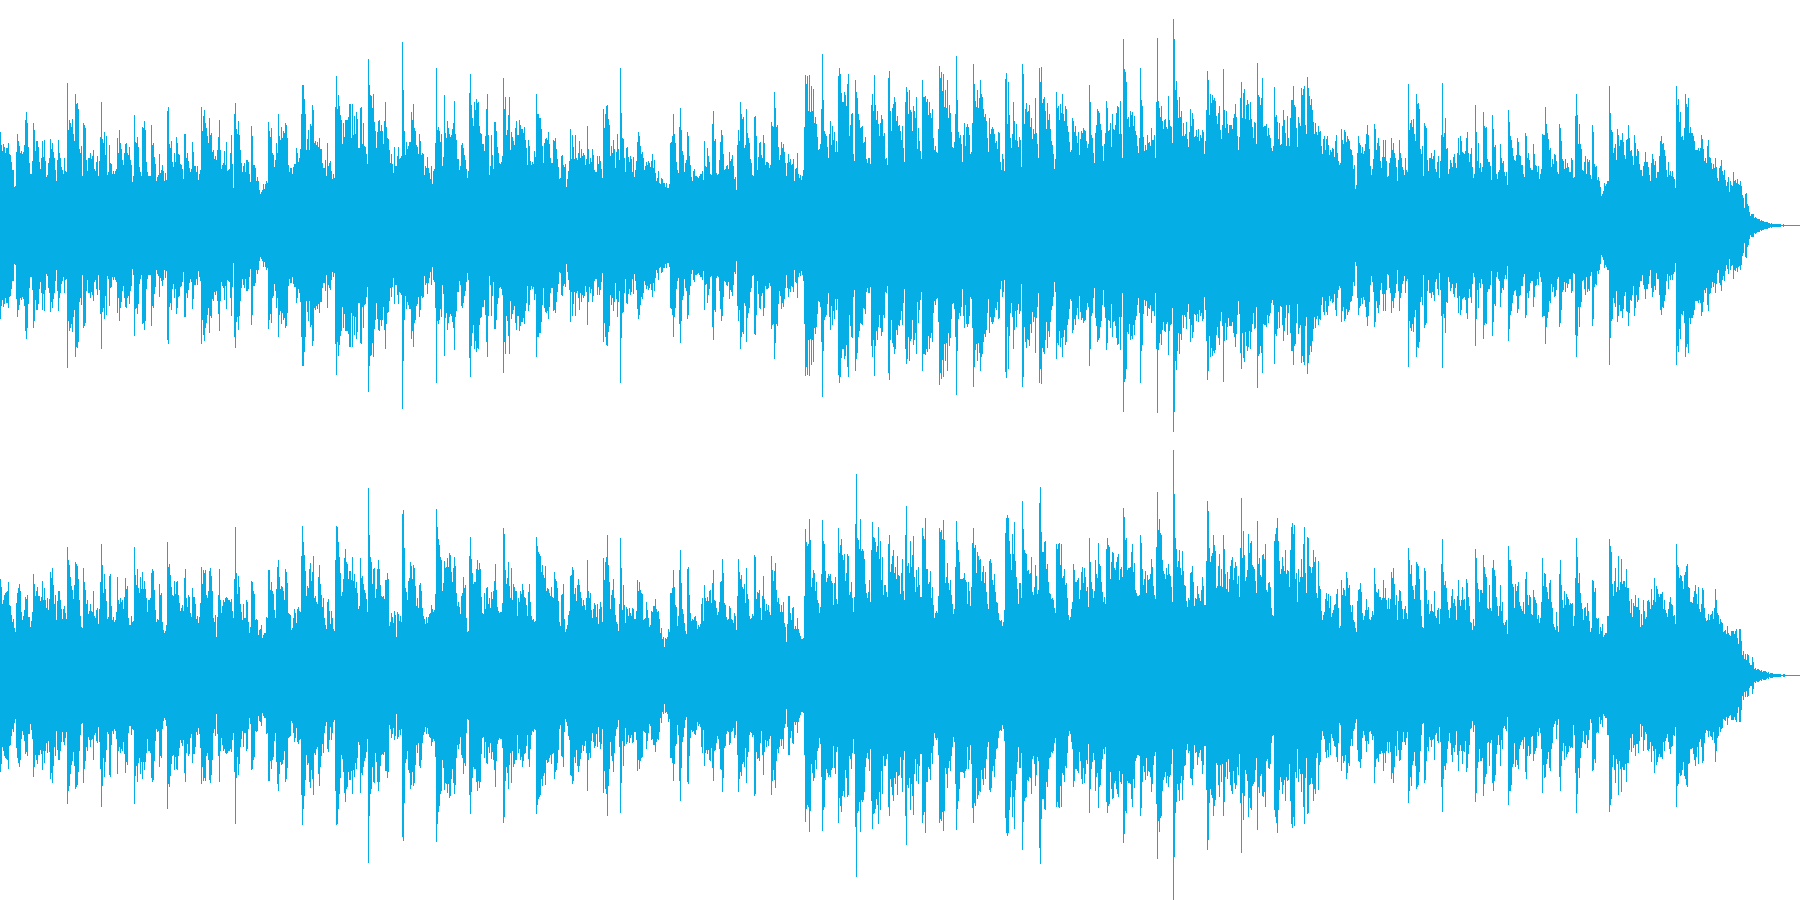 なつかしい気持ちになるオルゴールの再生済みの波形